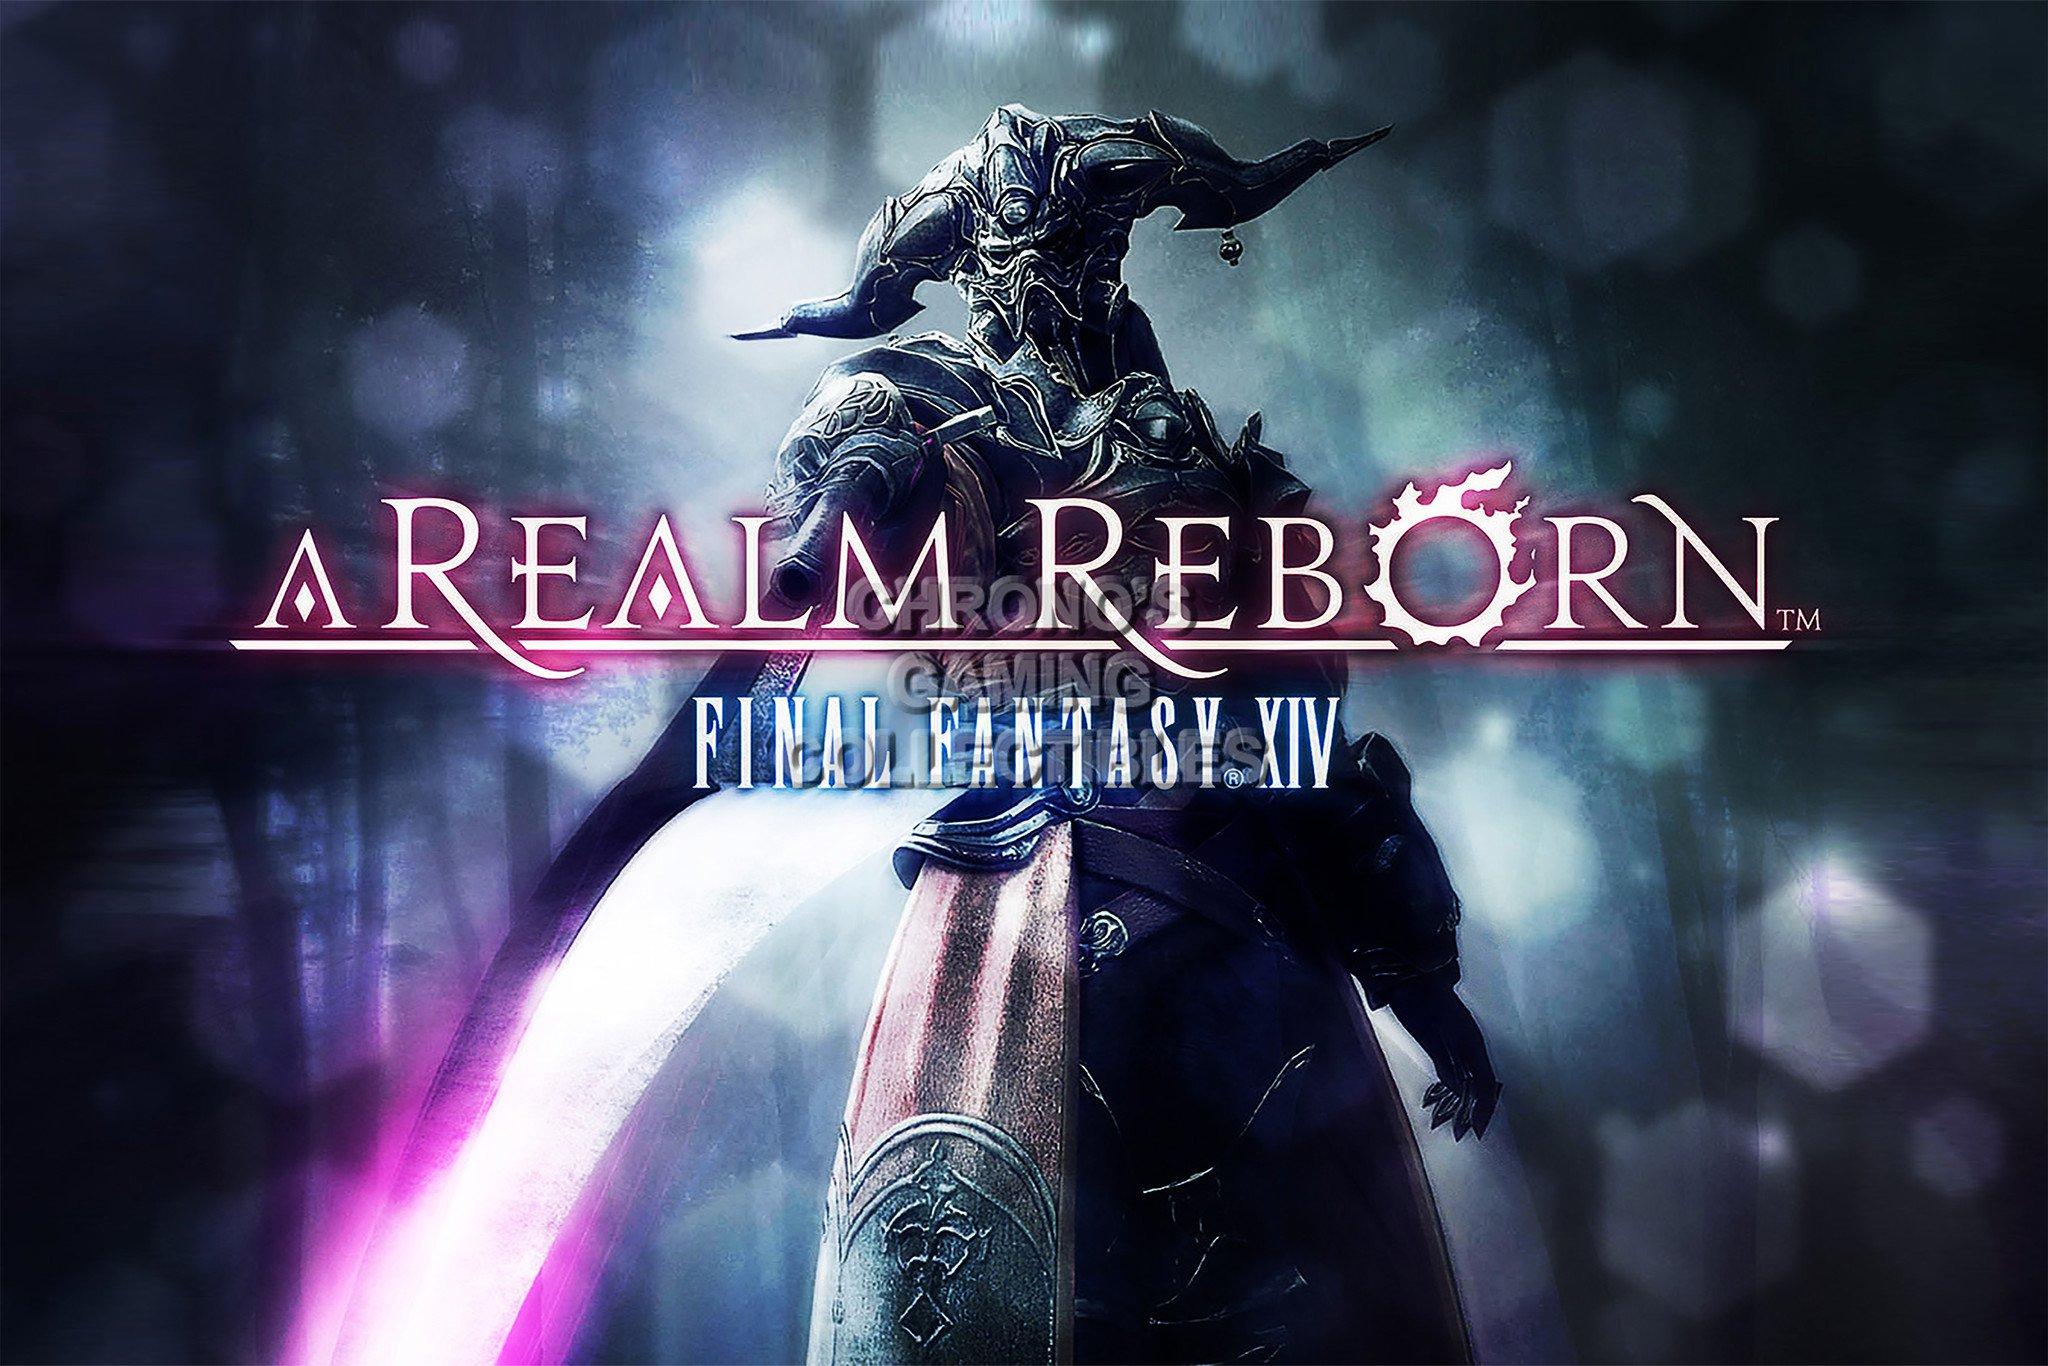 final fantasy xiv a realm reborn pc free download